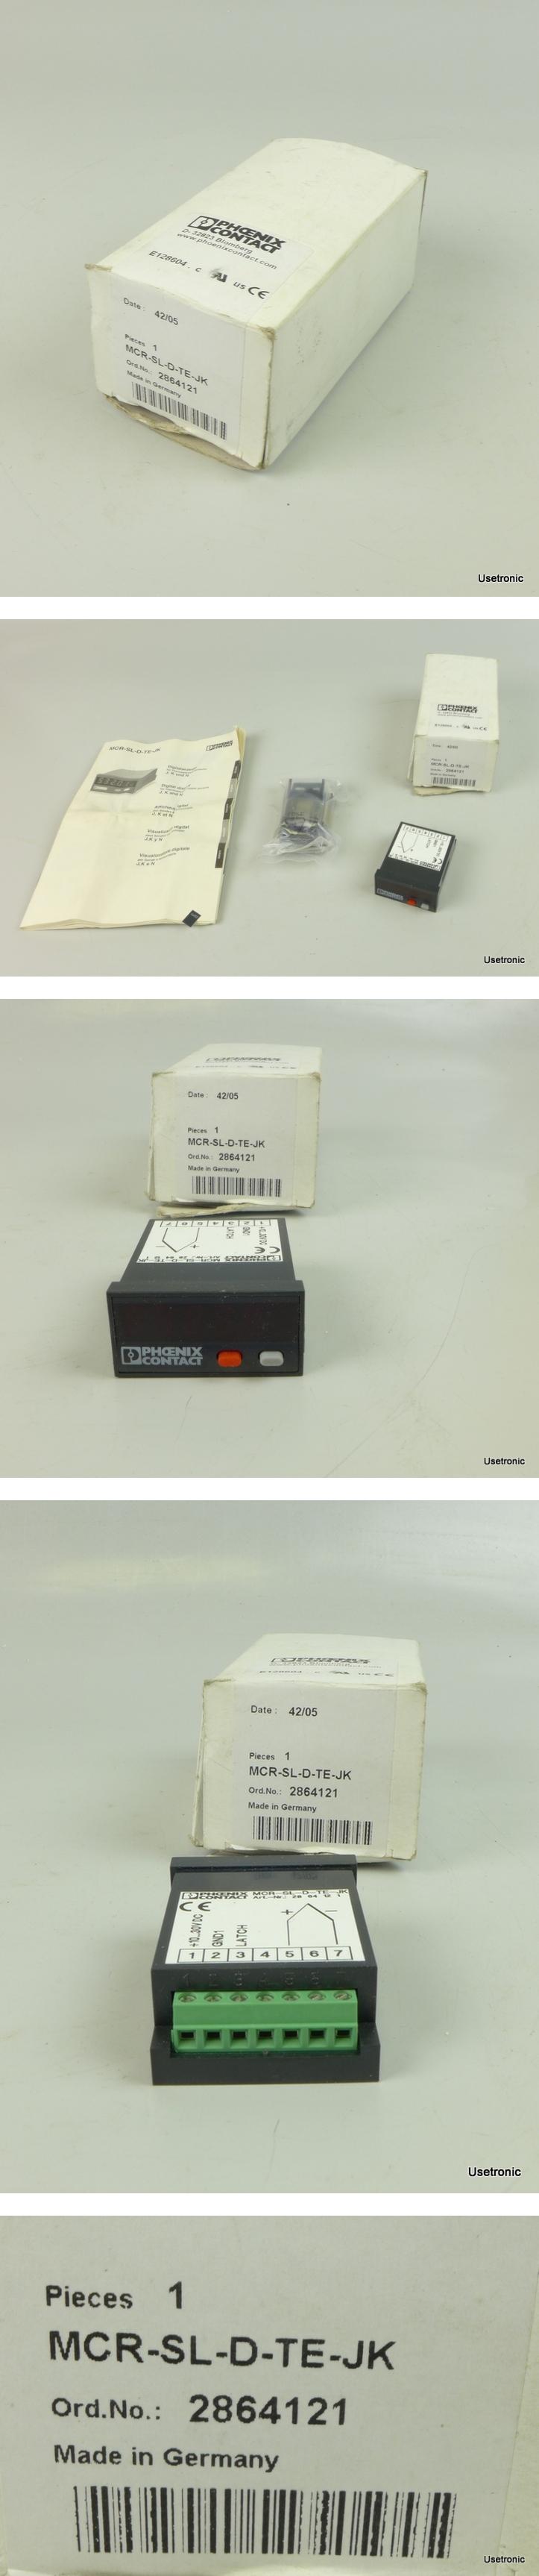 Phoenix Contact MCR-SL-D-TE-JK 2864121